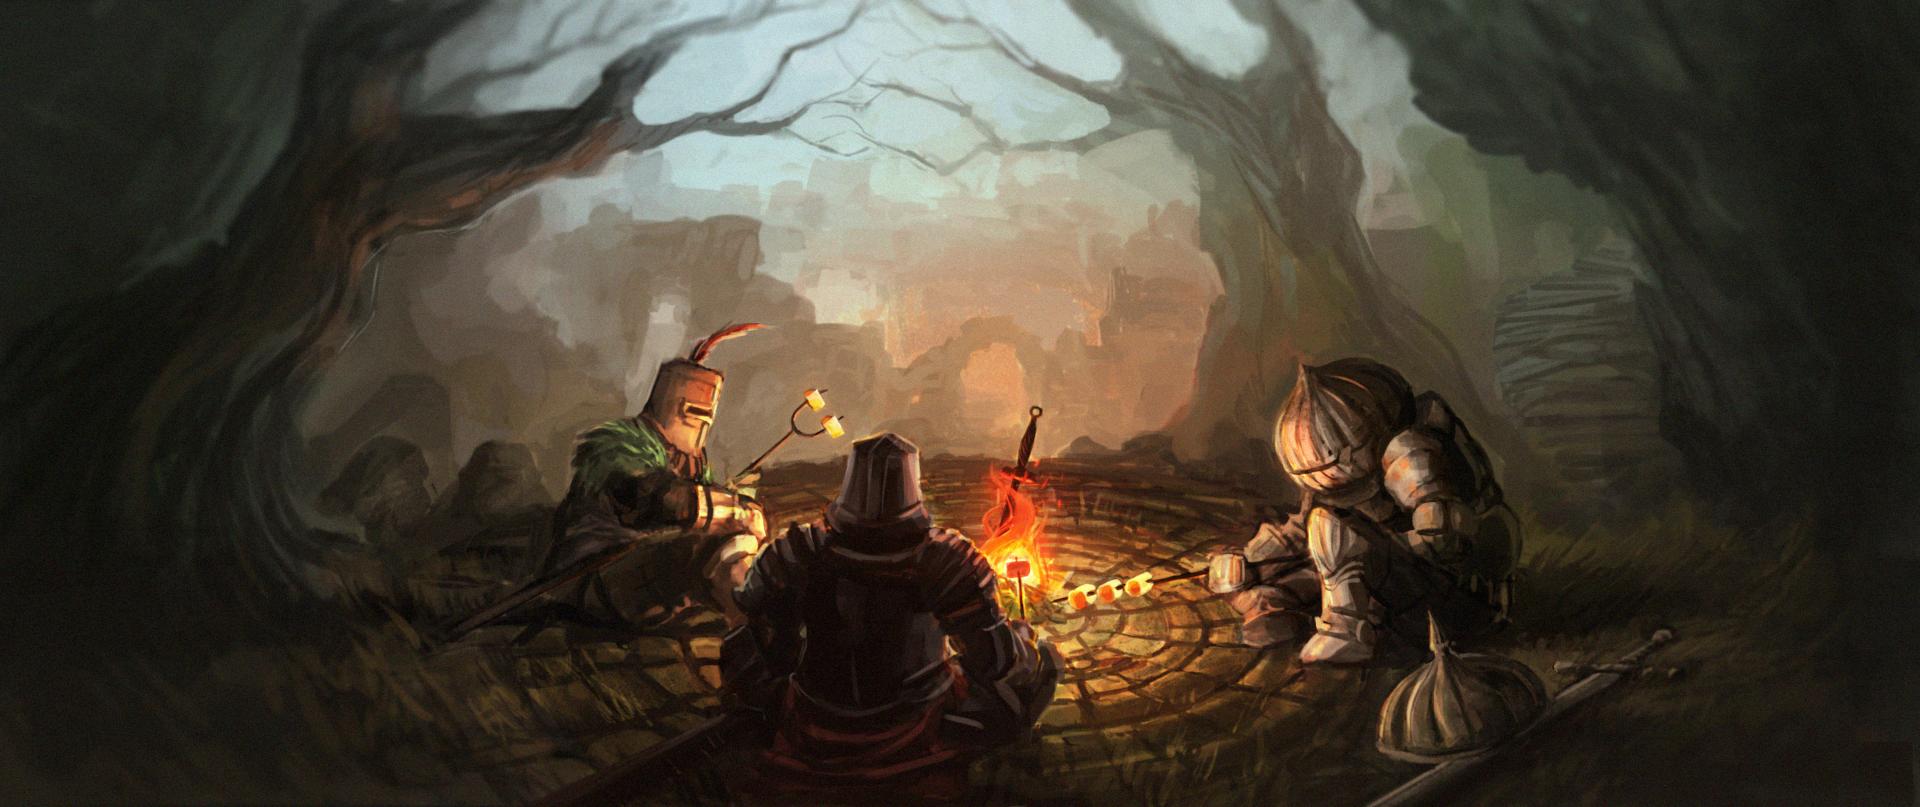 Immagine sfondo pagina giochi